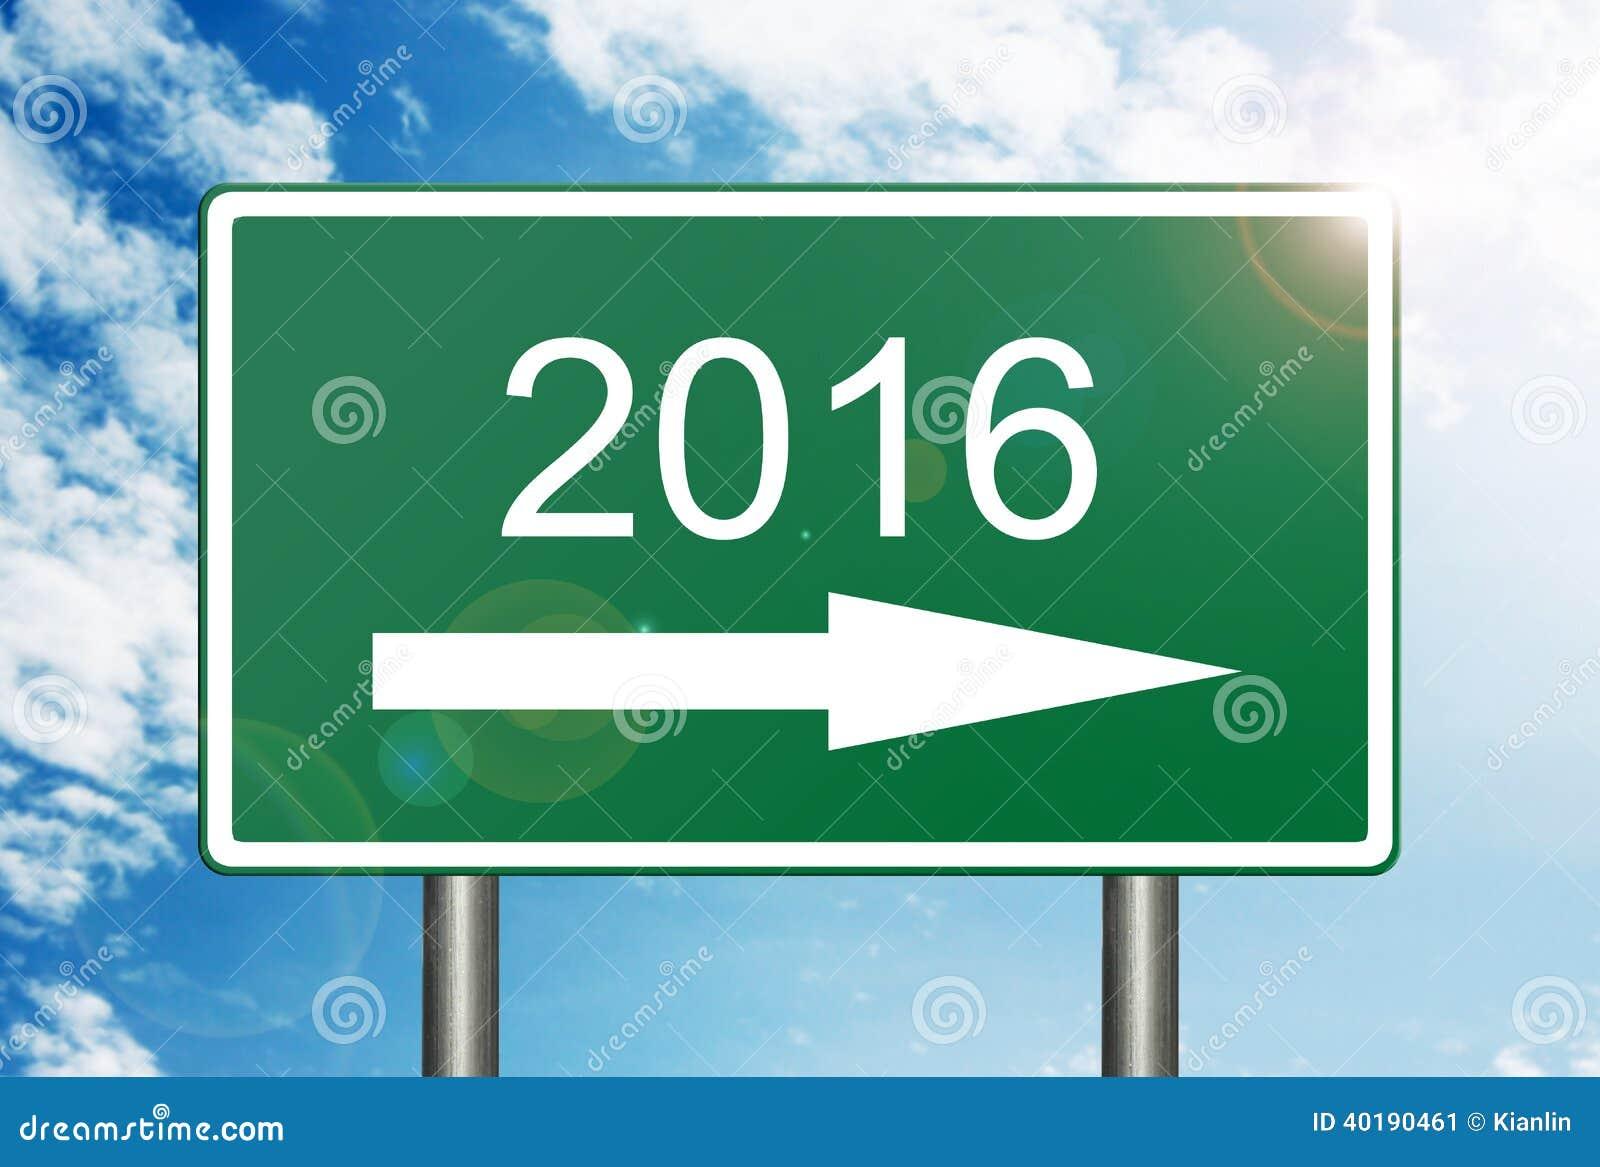 In Verkehrsschild 2016